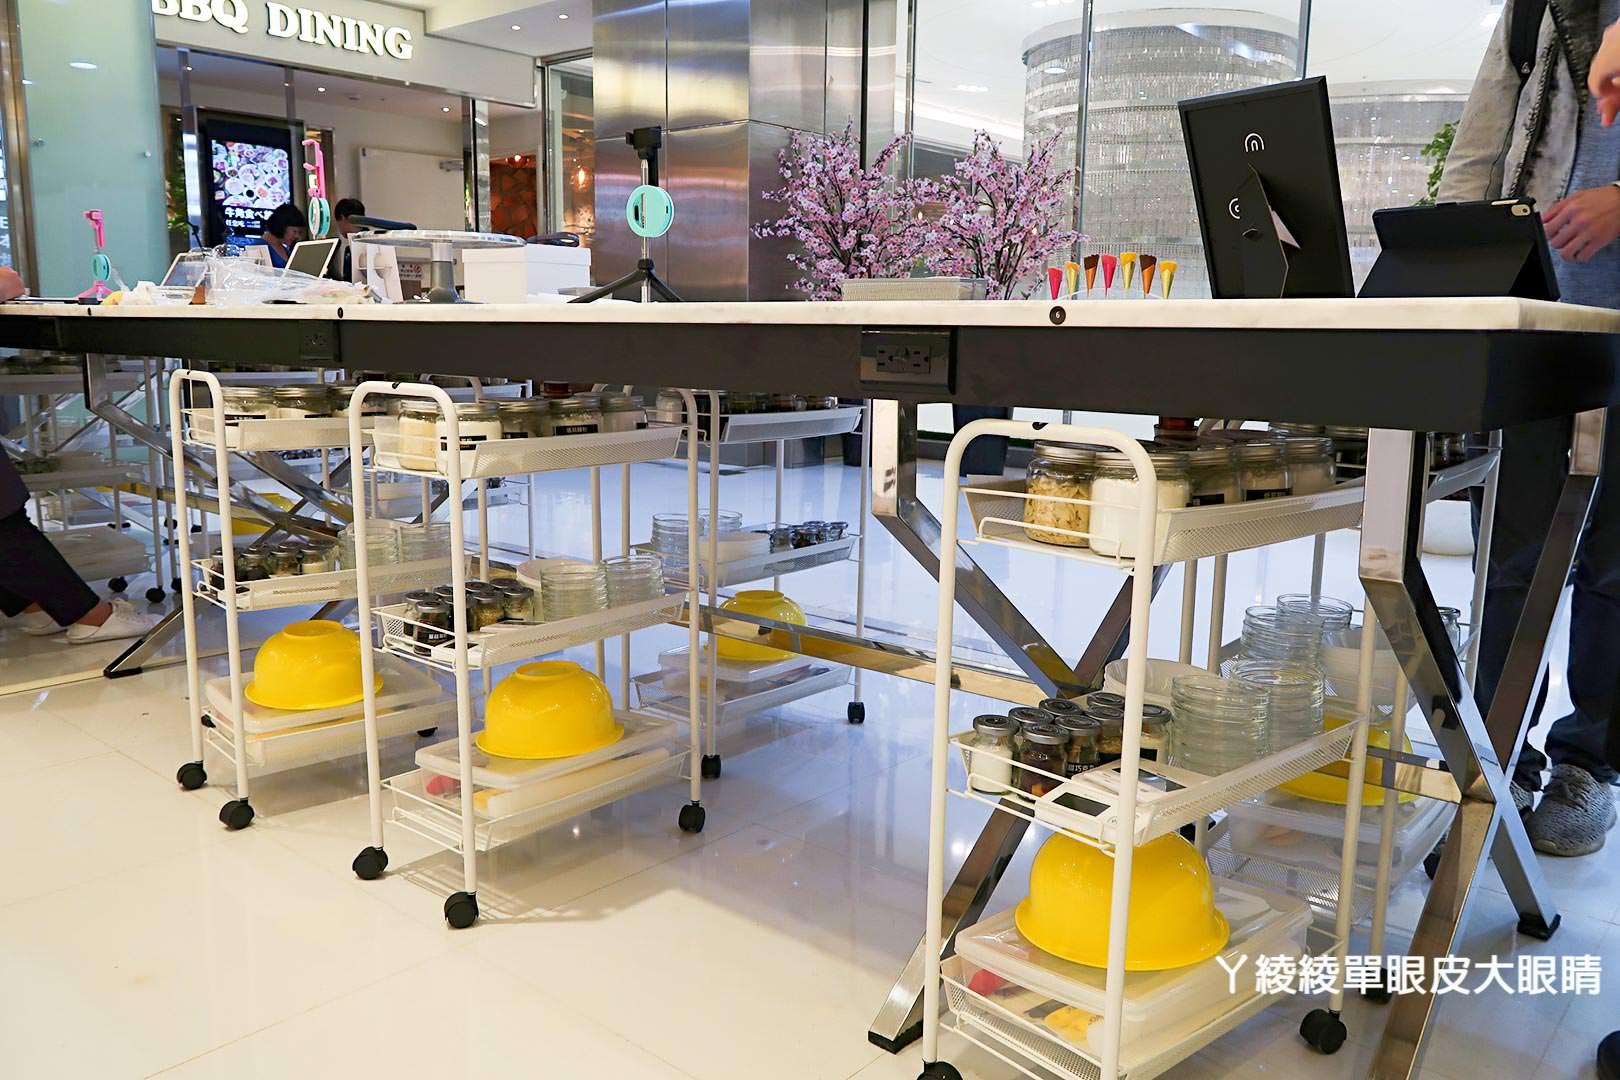 新竹大遠百新開幕烘焙DIY,來自台北東區的《Funsiamo》